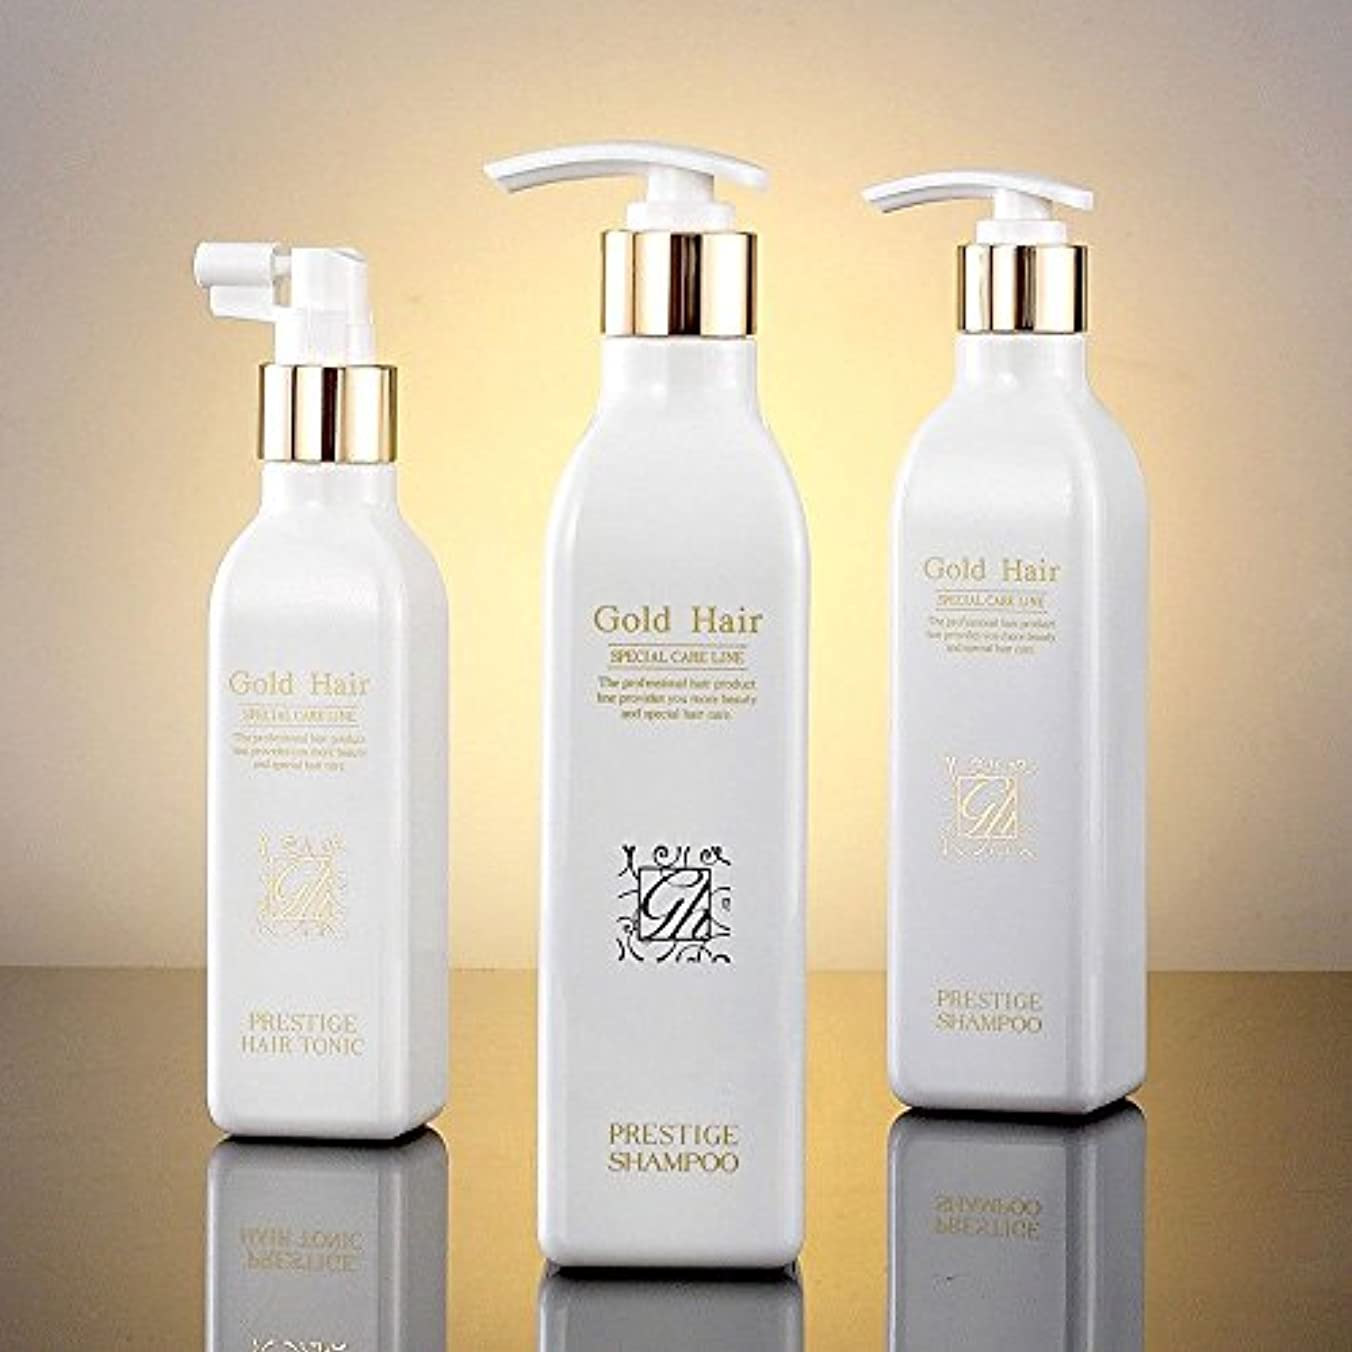 静的内なる引き出しゴールドヘア育毛シャンプー2個&トニック1個 漢方シャンプー /Herbal Hair Loss Fast Regrowth Shampoo 100% Natural Patented Set of 3(2 shampoo...